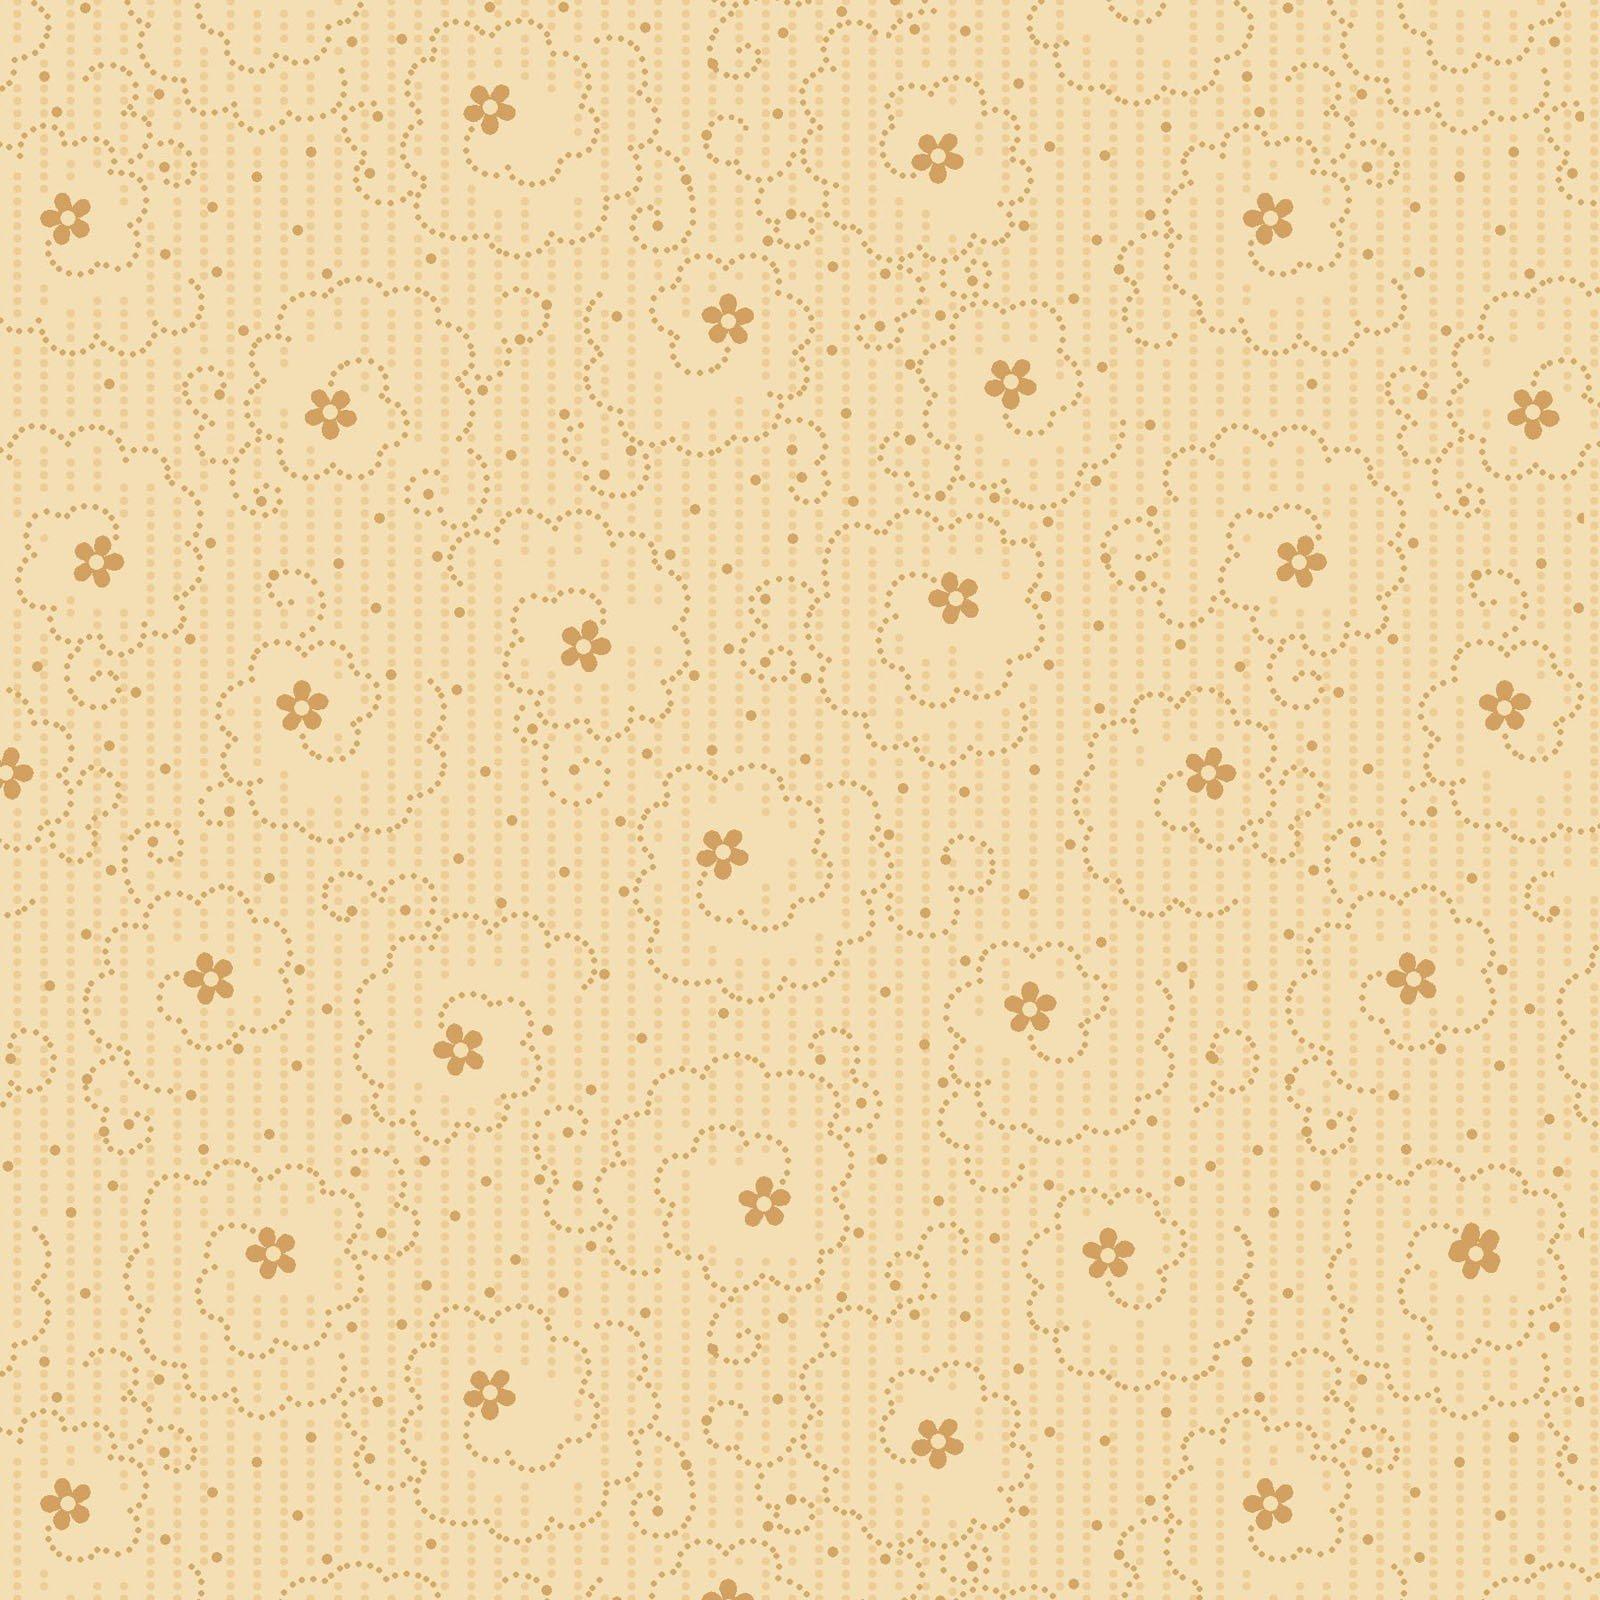 Linen Closet<br/>Henry Glass 8570-44